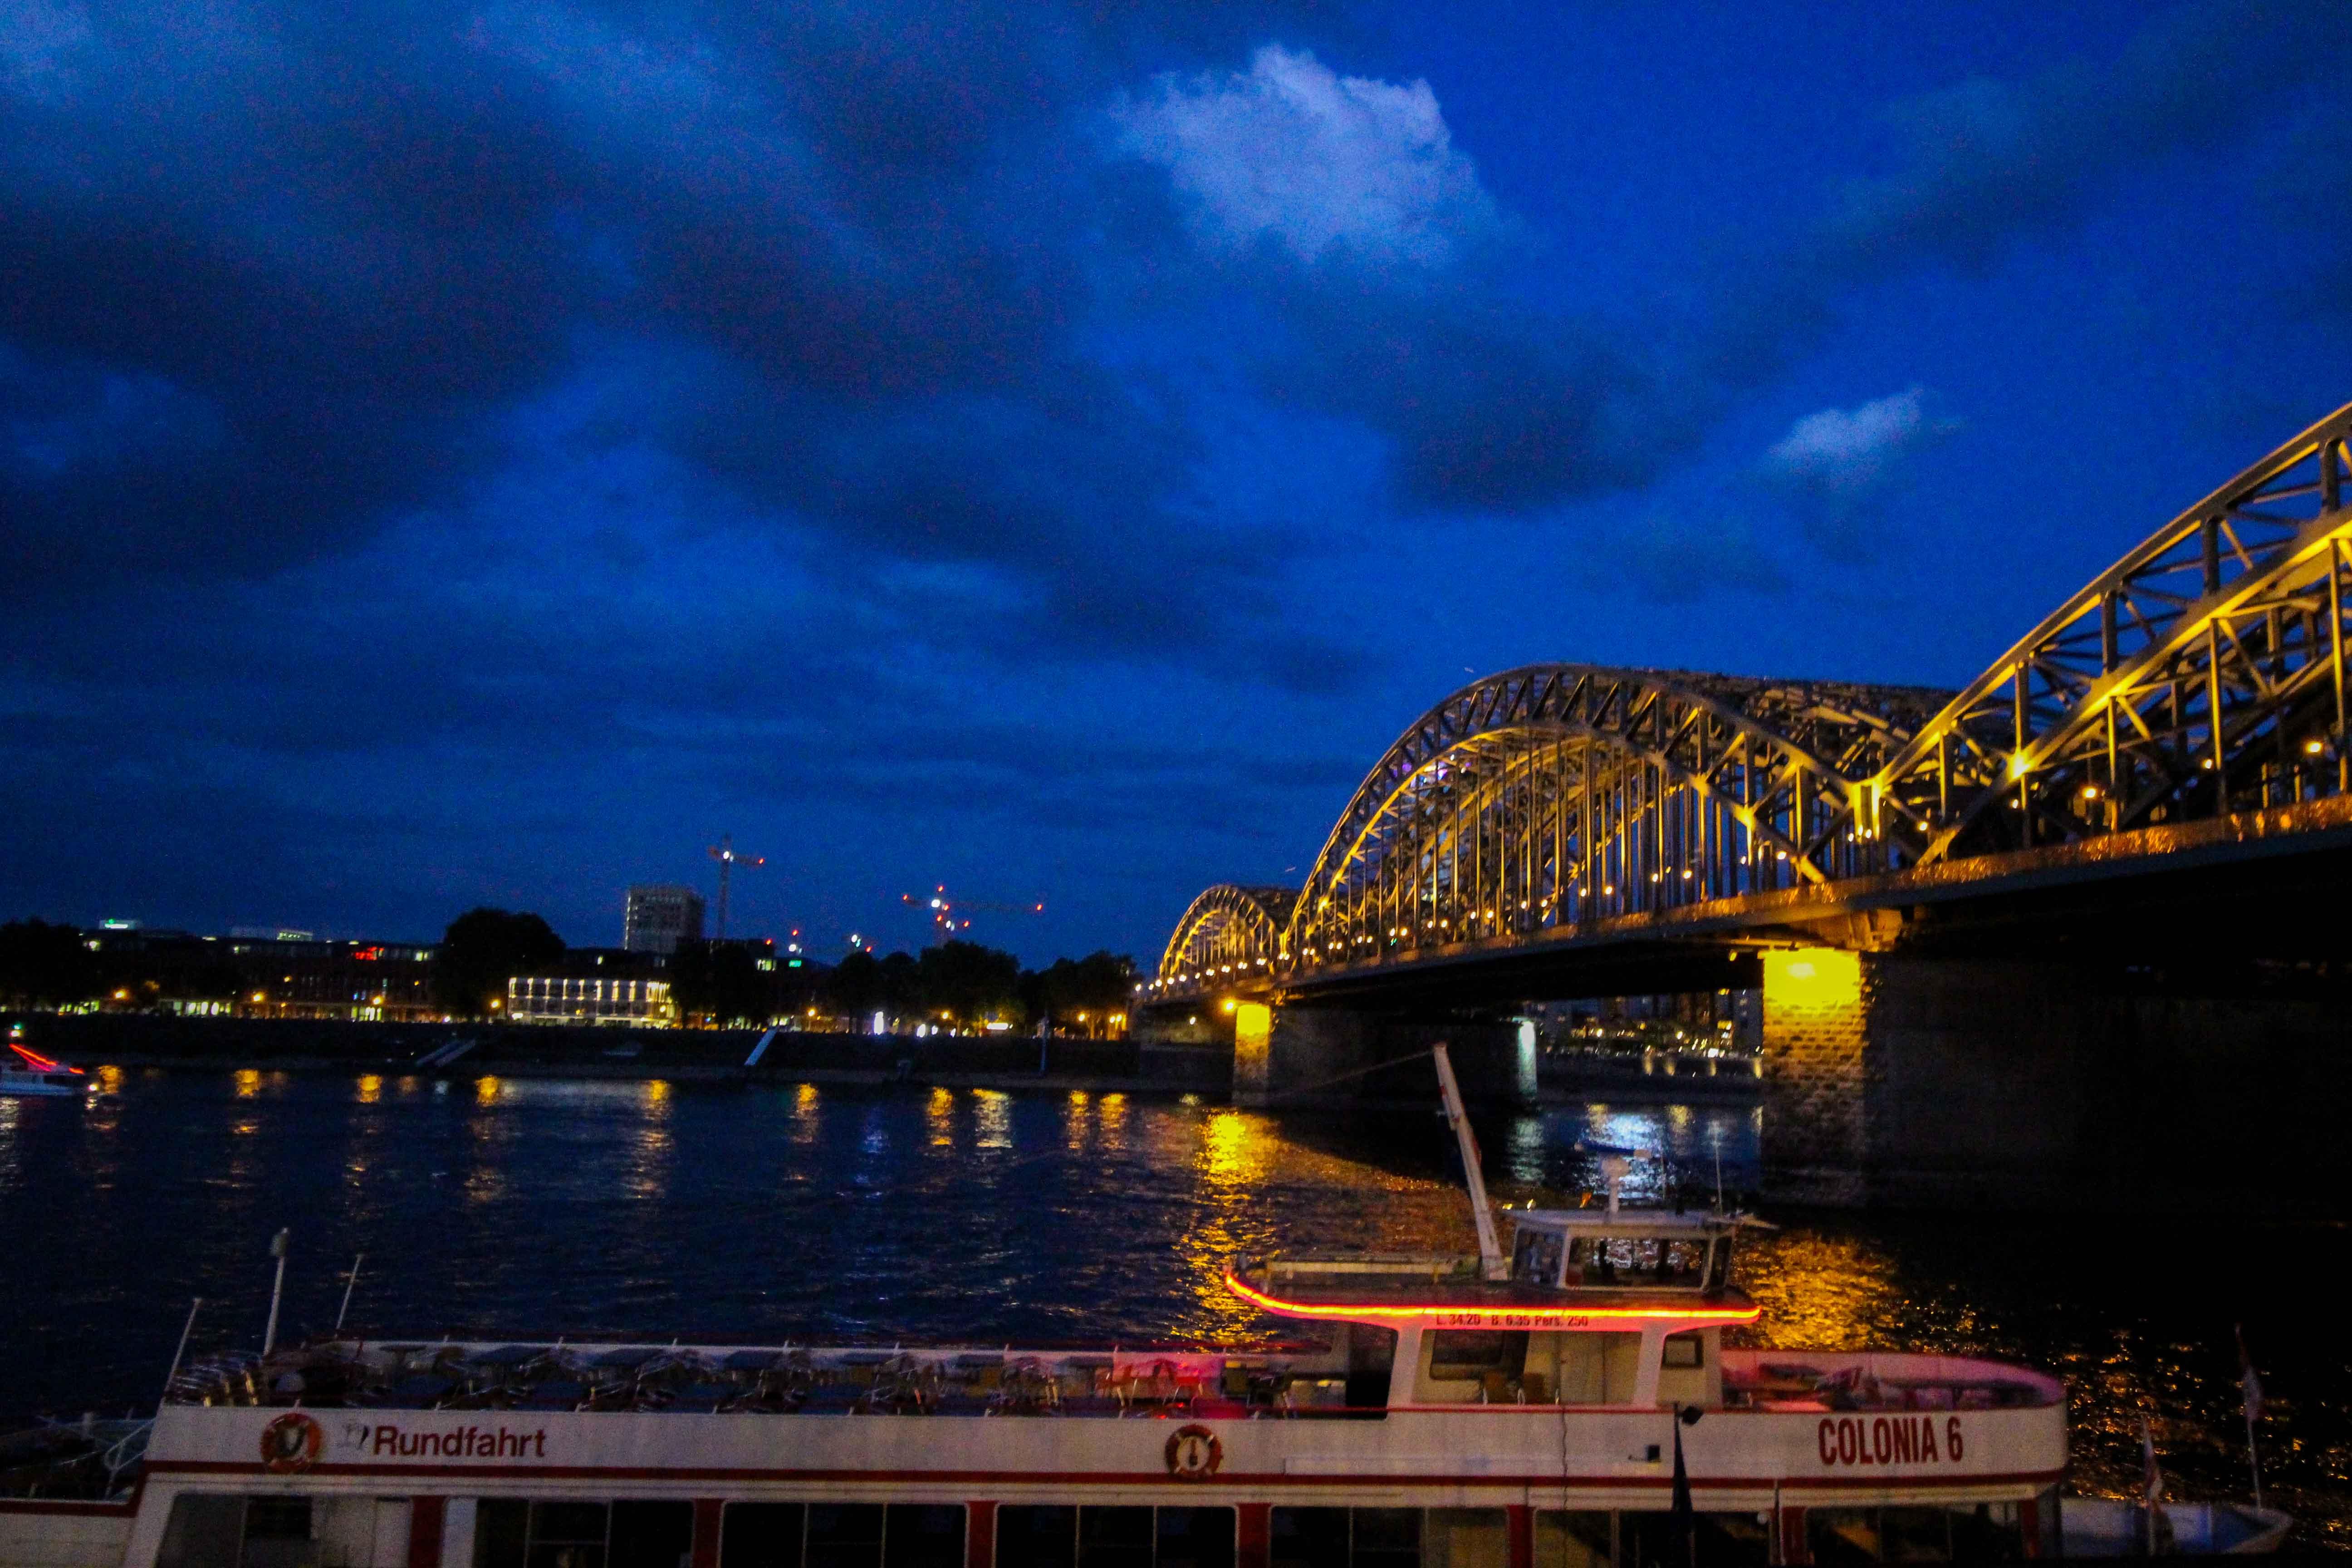 Aldi Süd Wein Tour Weinprobe Wein Truck Rheinuferfest Köln Stadtfest Hohenzollernbrücke bei Nacht